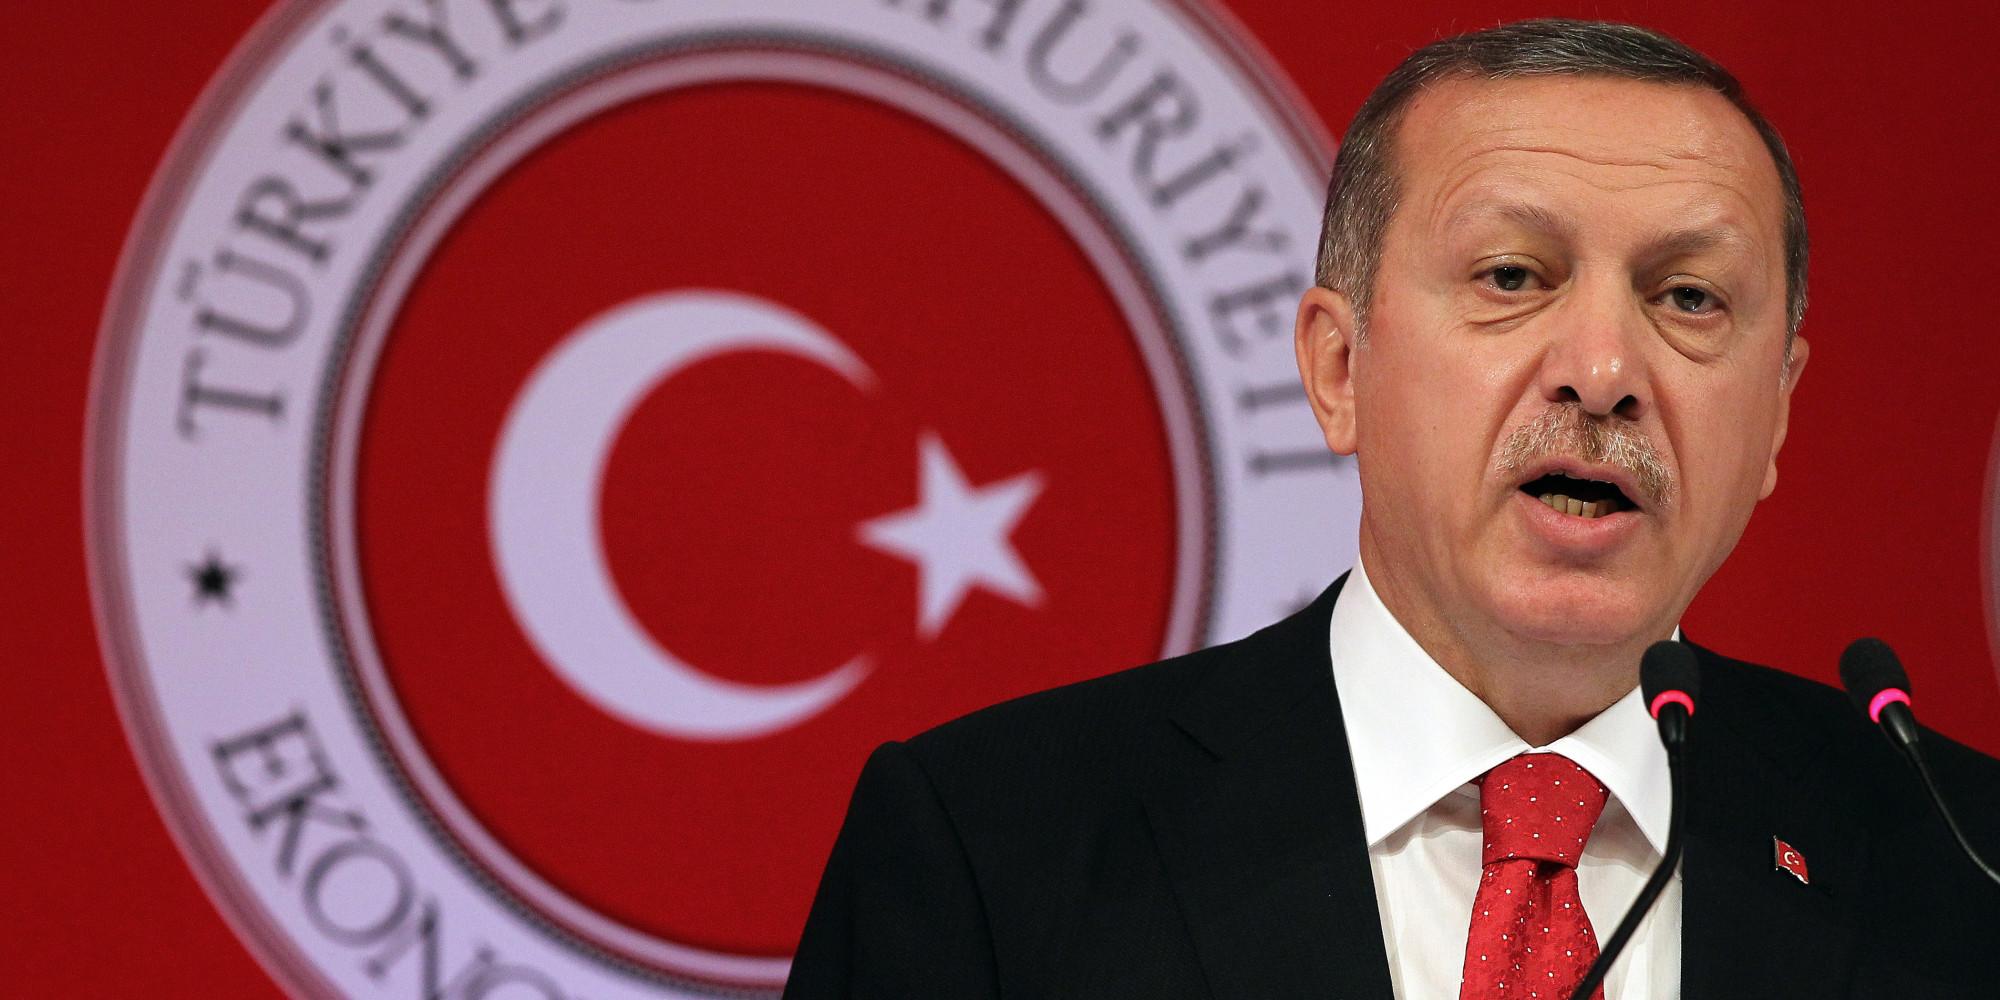 Turcja wesprze ISIL przeciwko Kurdom i Europie